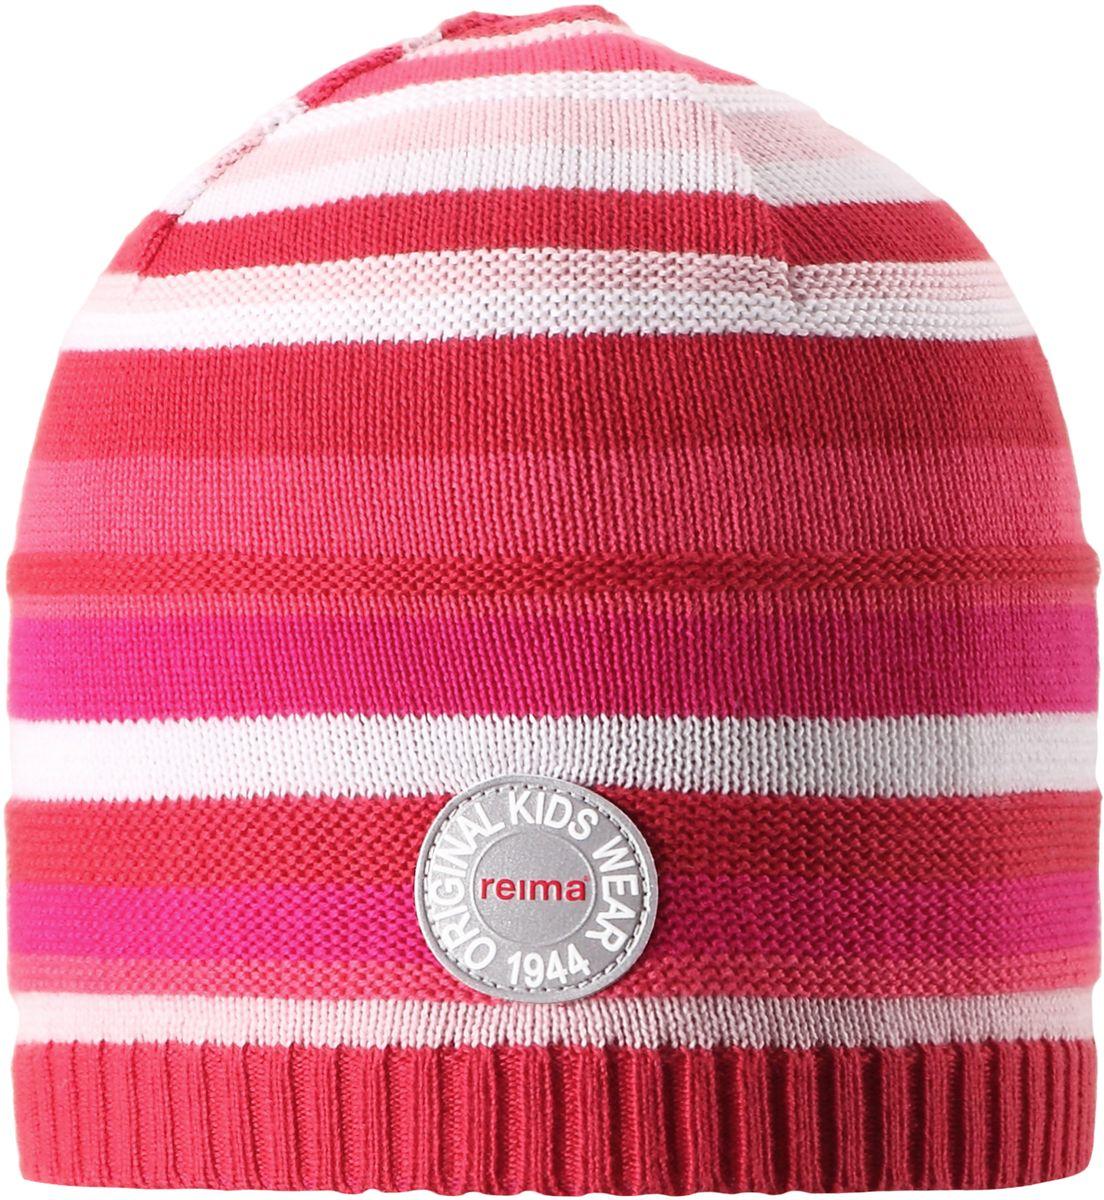 Шапка детская Reima Solmu, цвет: розовый. 5285253360. Размер 565285253360Яркая шапочка для малышей отлично подойдет для первых теплых весенних дней. Она изготовлена из эластичного и легкого вязаного хлопка, мягкого и приятного на ощупь. Ее можно надеть и в детский сад, и на прогулку в парк в солнечный день. Имеется светоотражающая эмблема спереди.